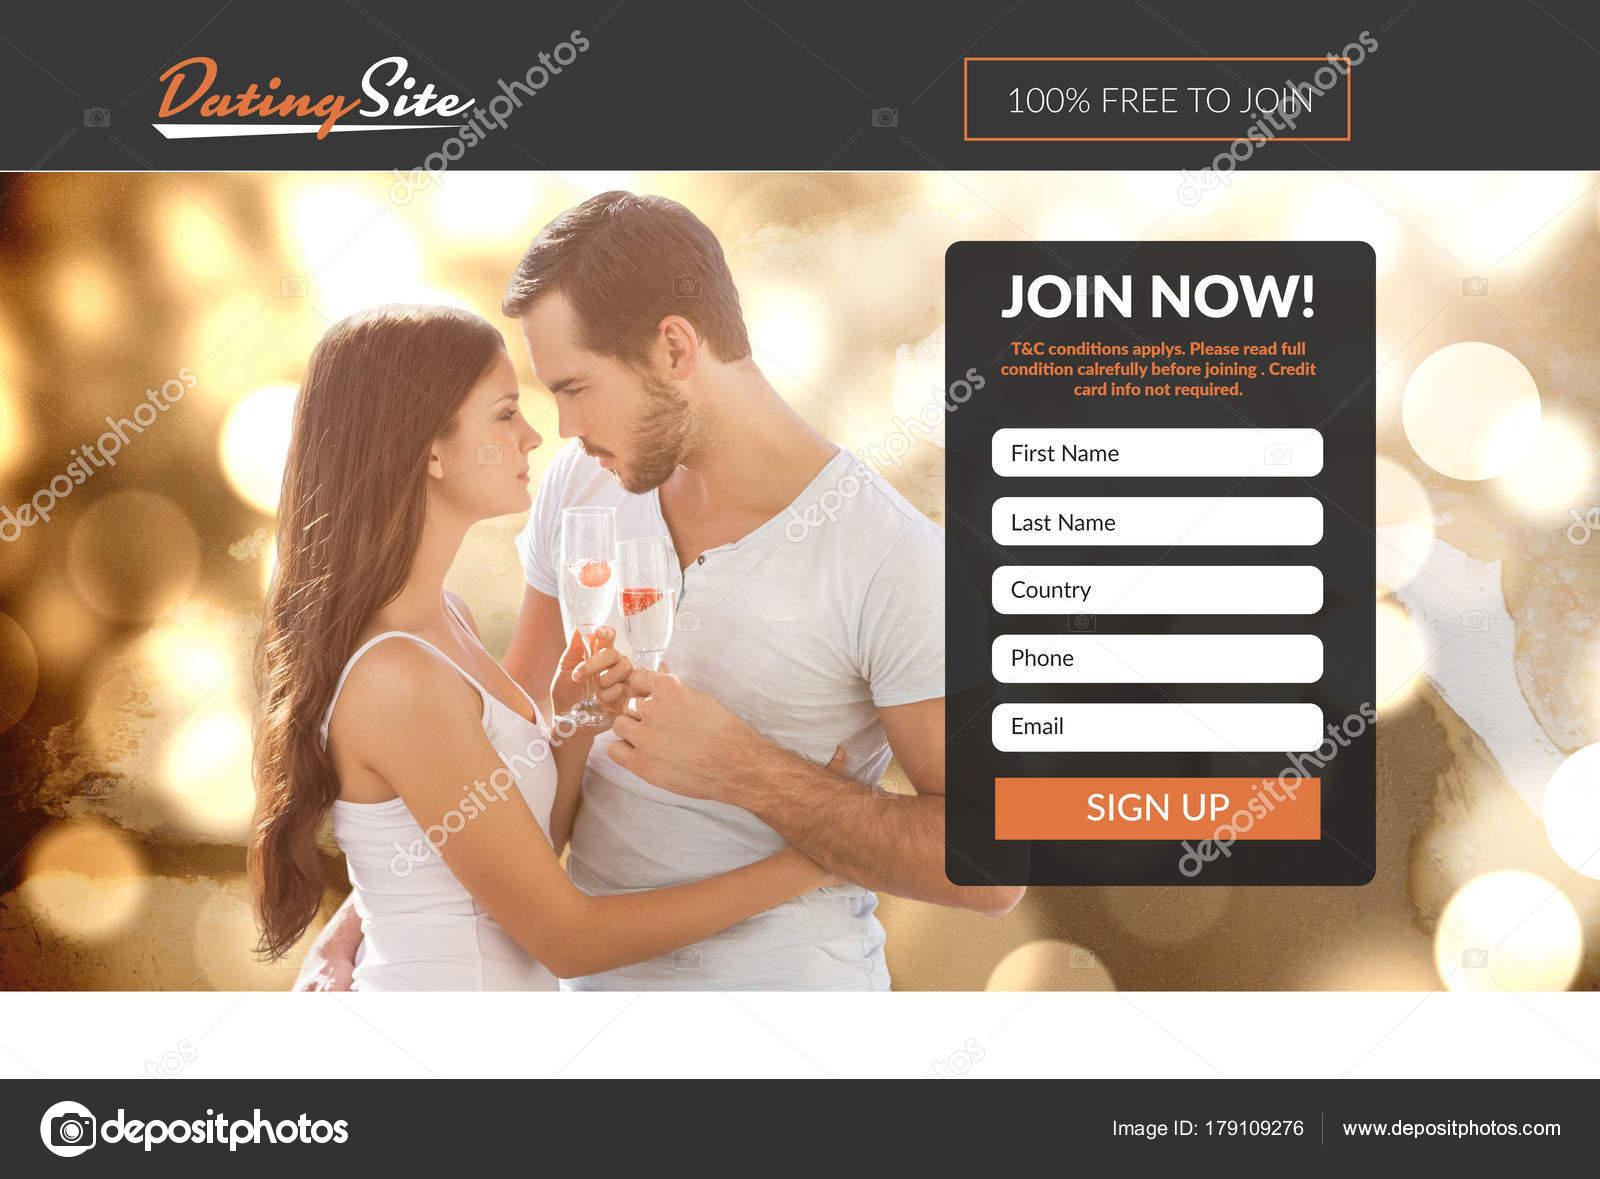 ιστοσελίδα γνωριμιών φωτογραφίες site γνωριμιών για όμορφη μόνο